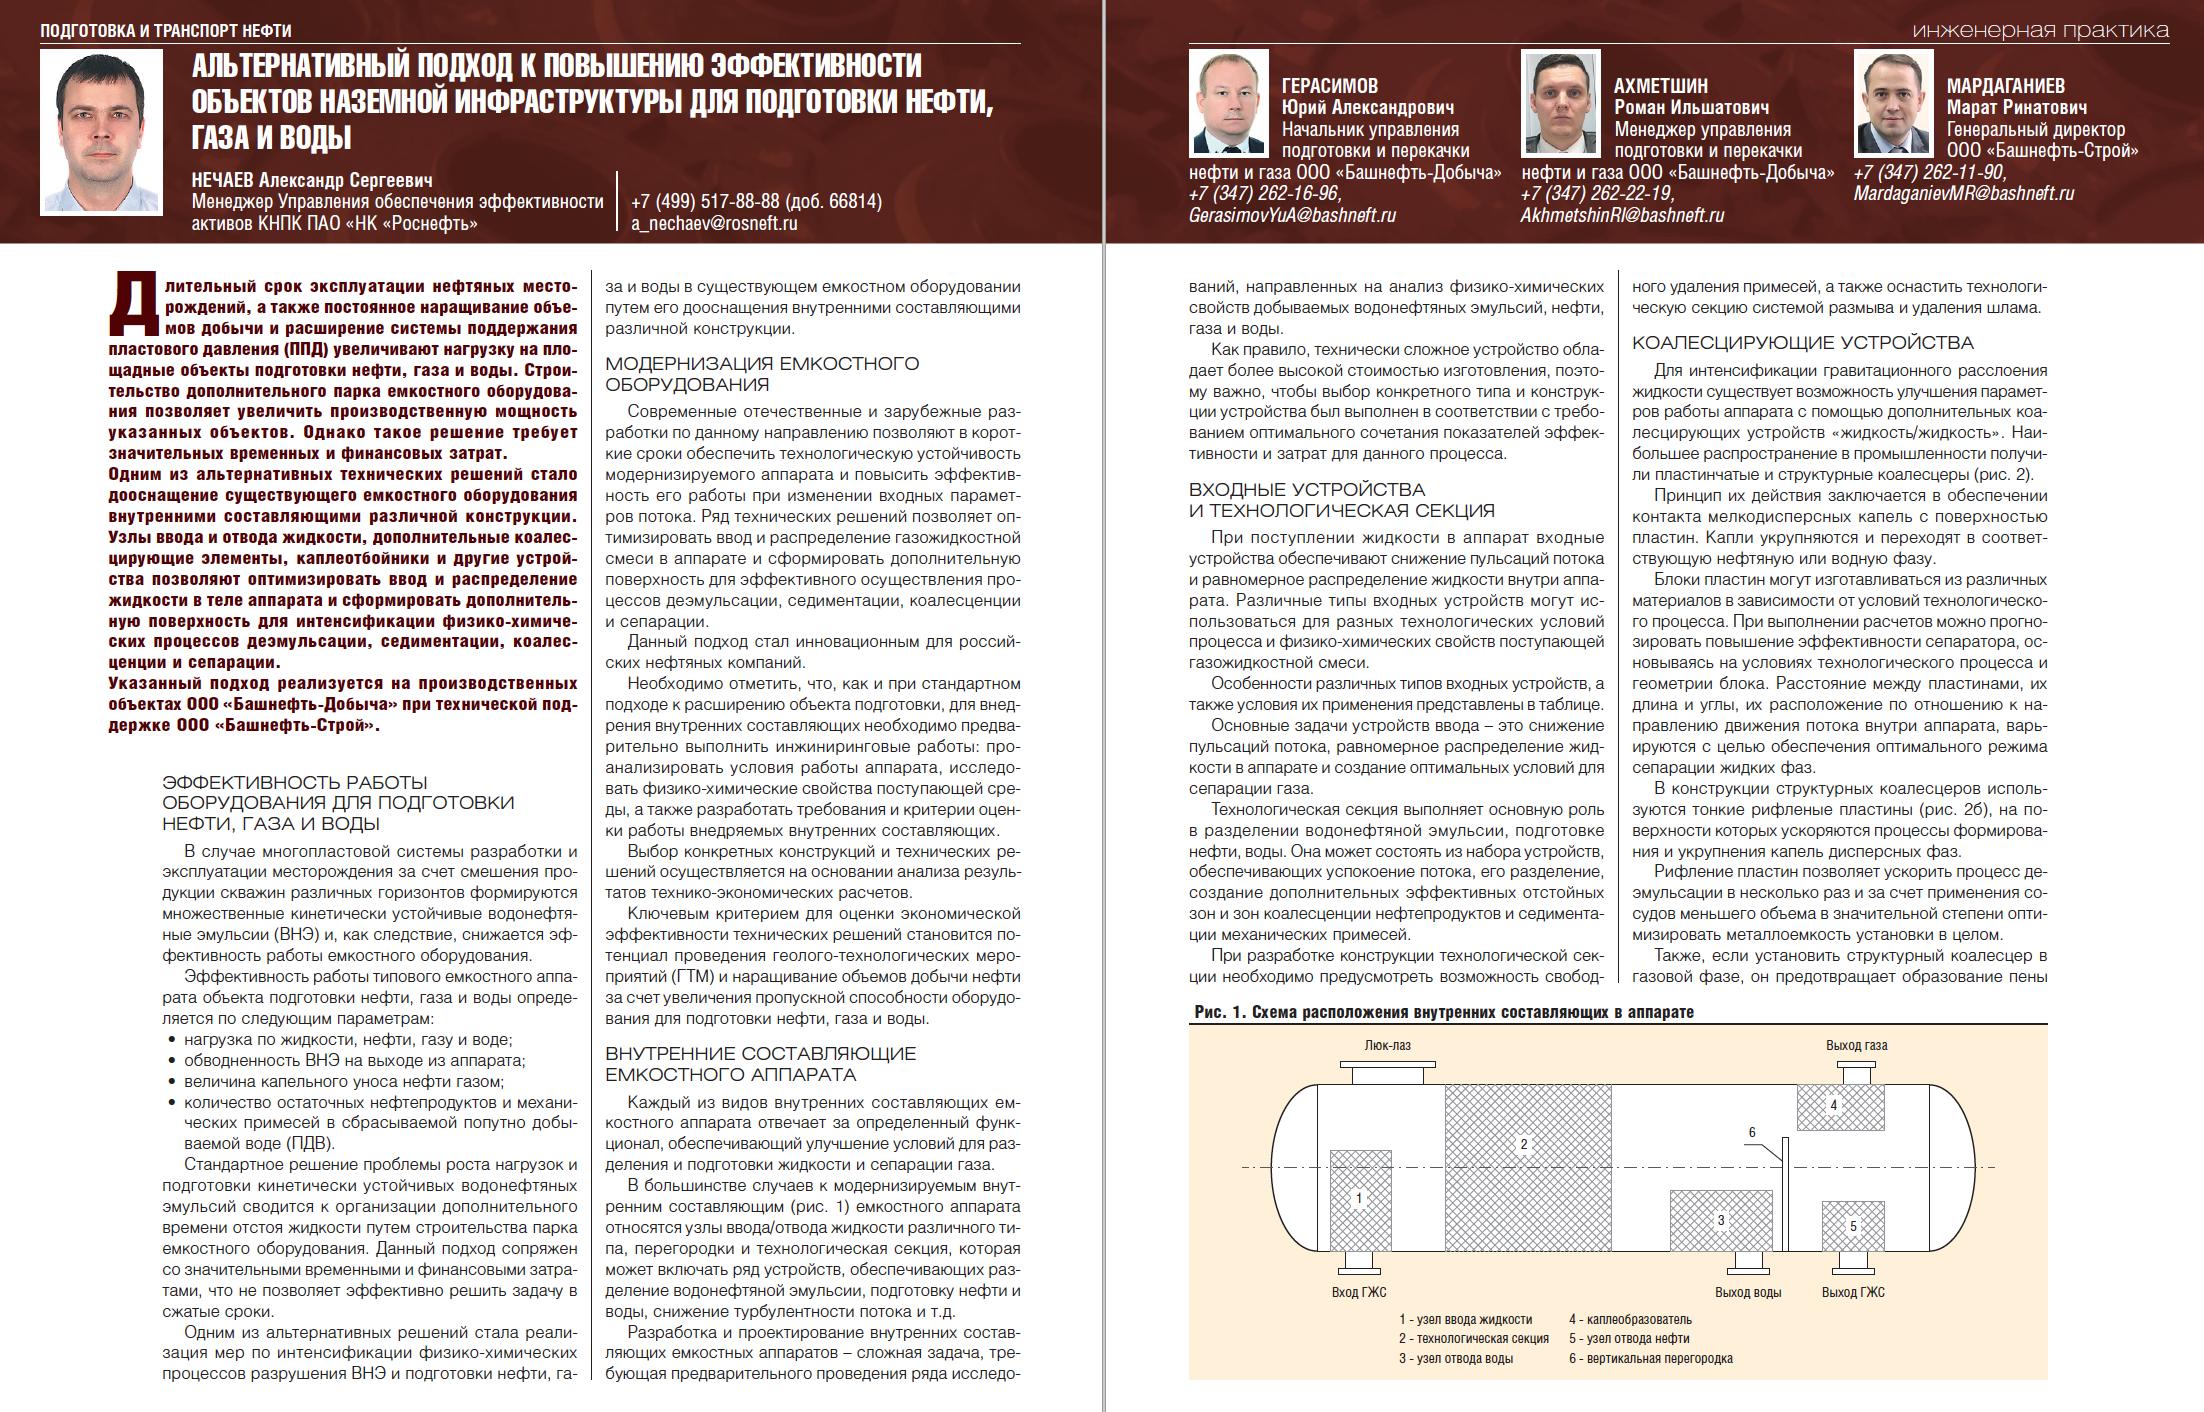 34937 Альтернативный подход к повышению эффективности объектов наземной инфраструктуры